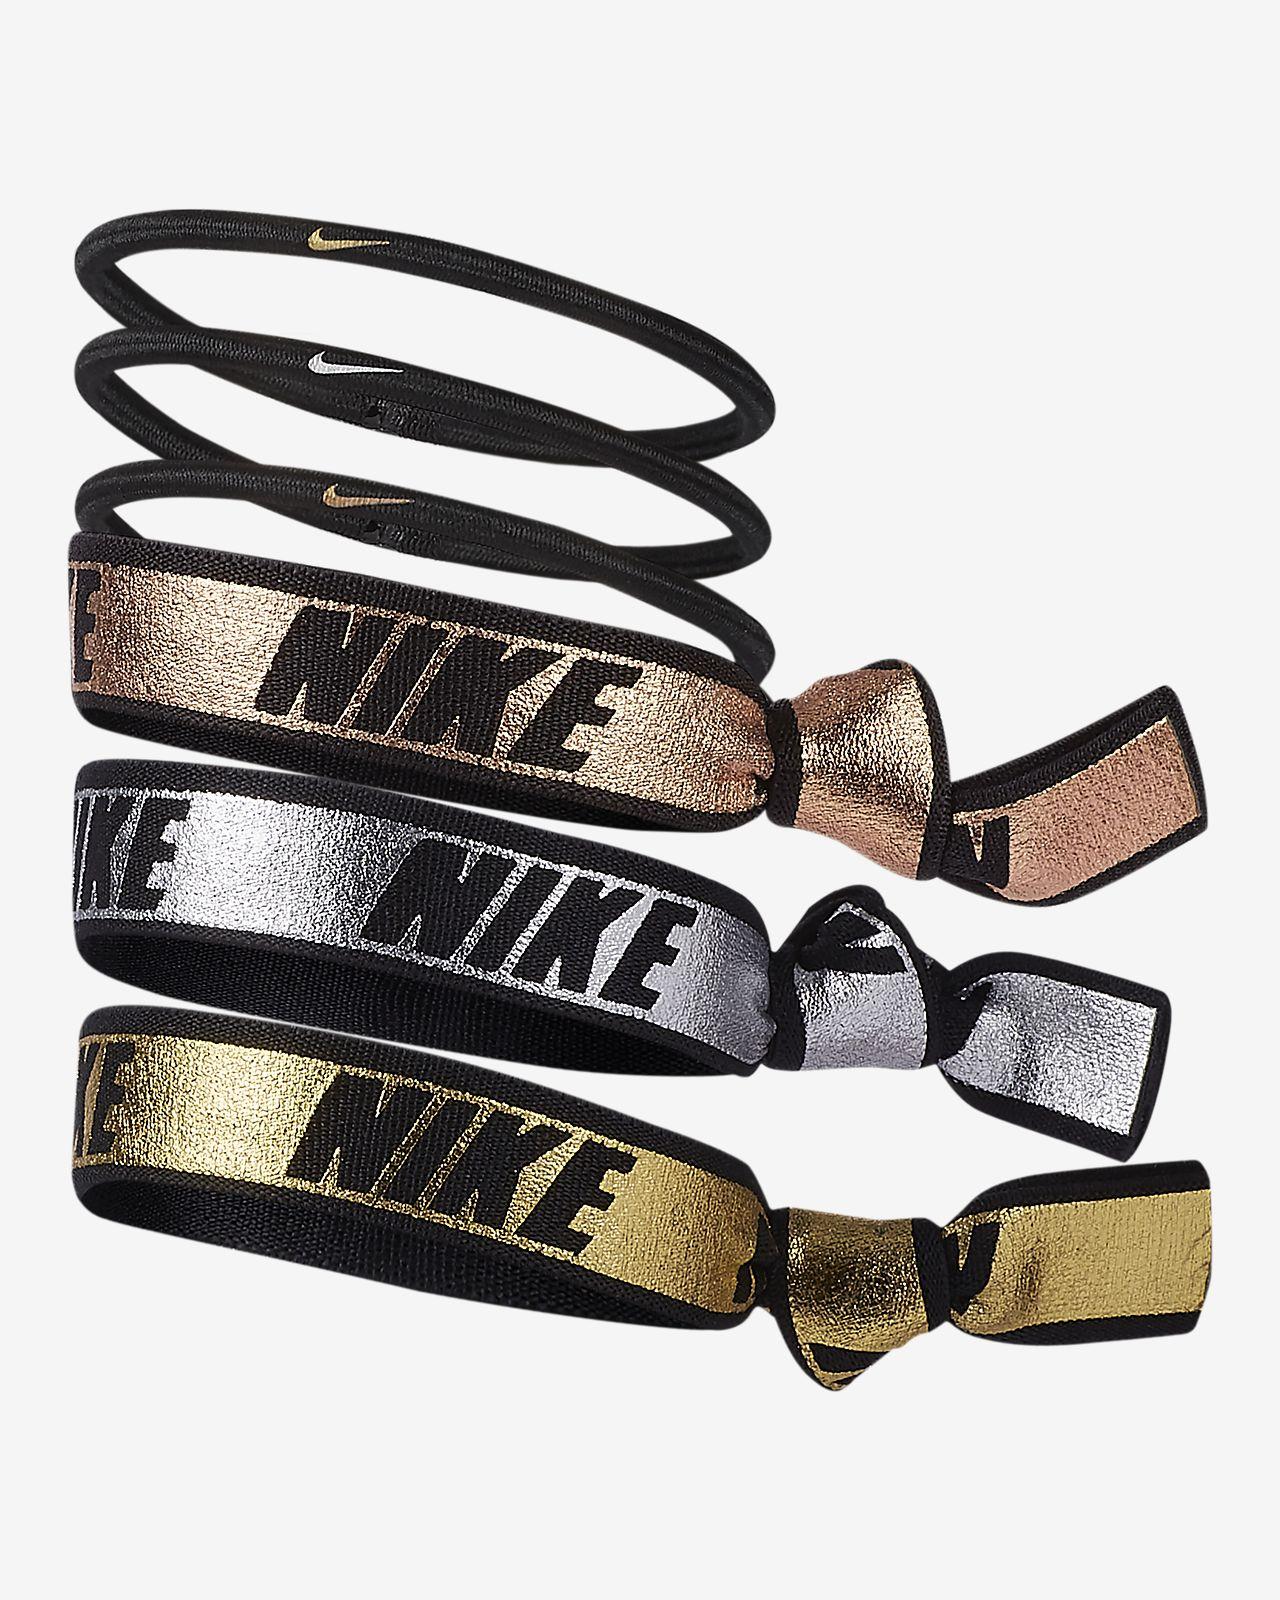 Nike Ponytail Holder (6-Pack)